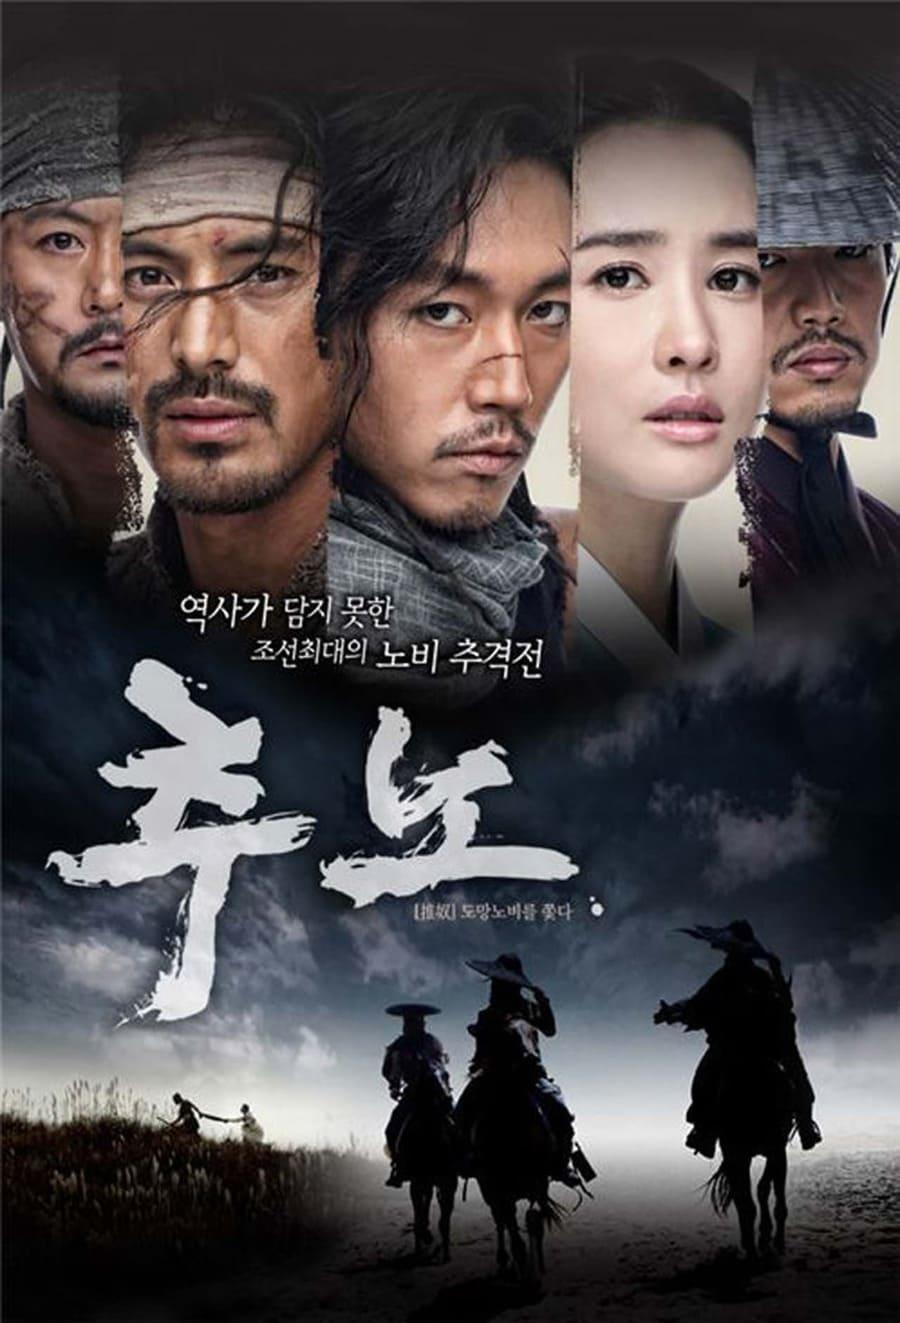 phim hàn quốc hay nhất mọi thời đại chuno